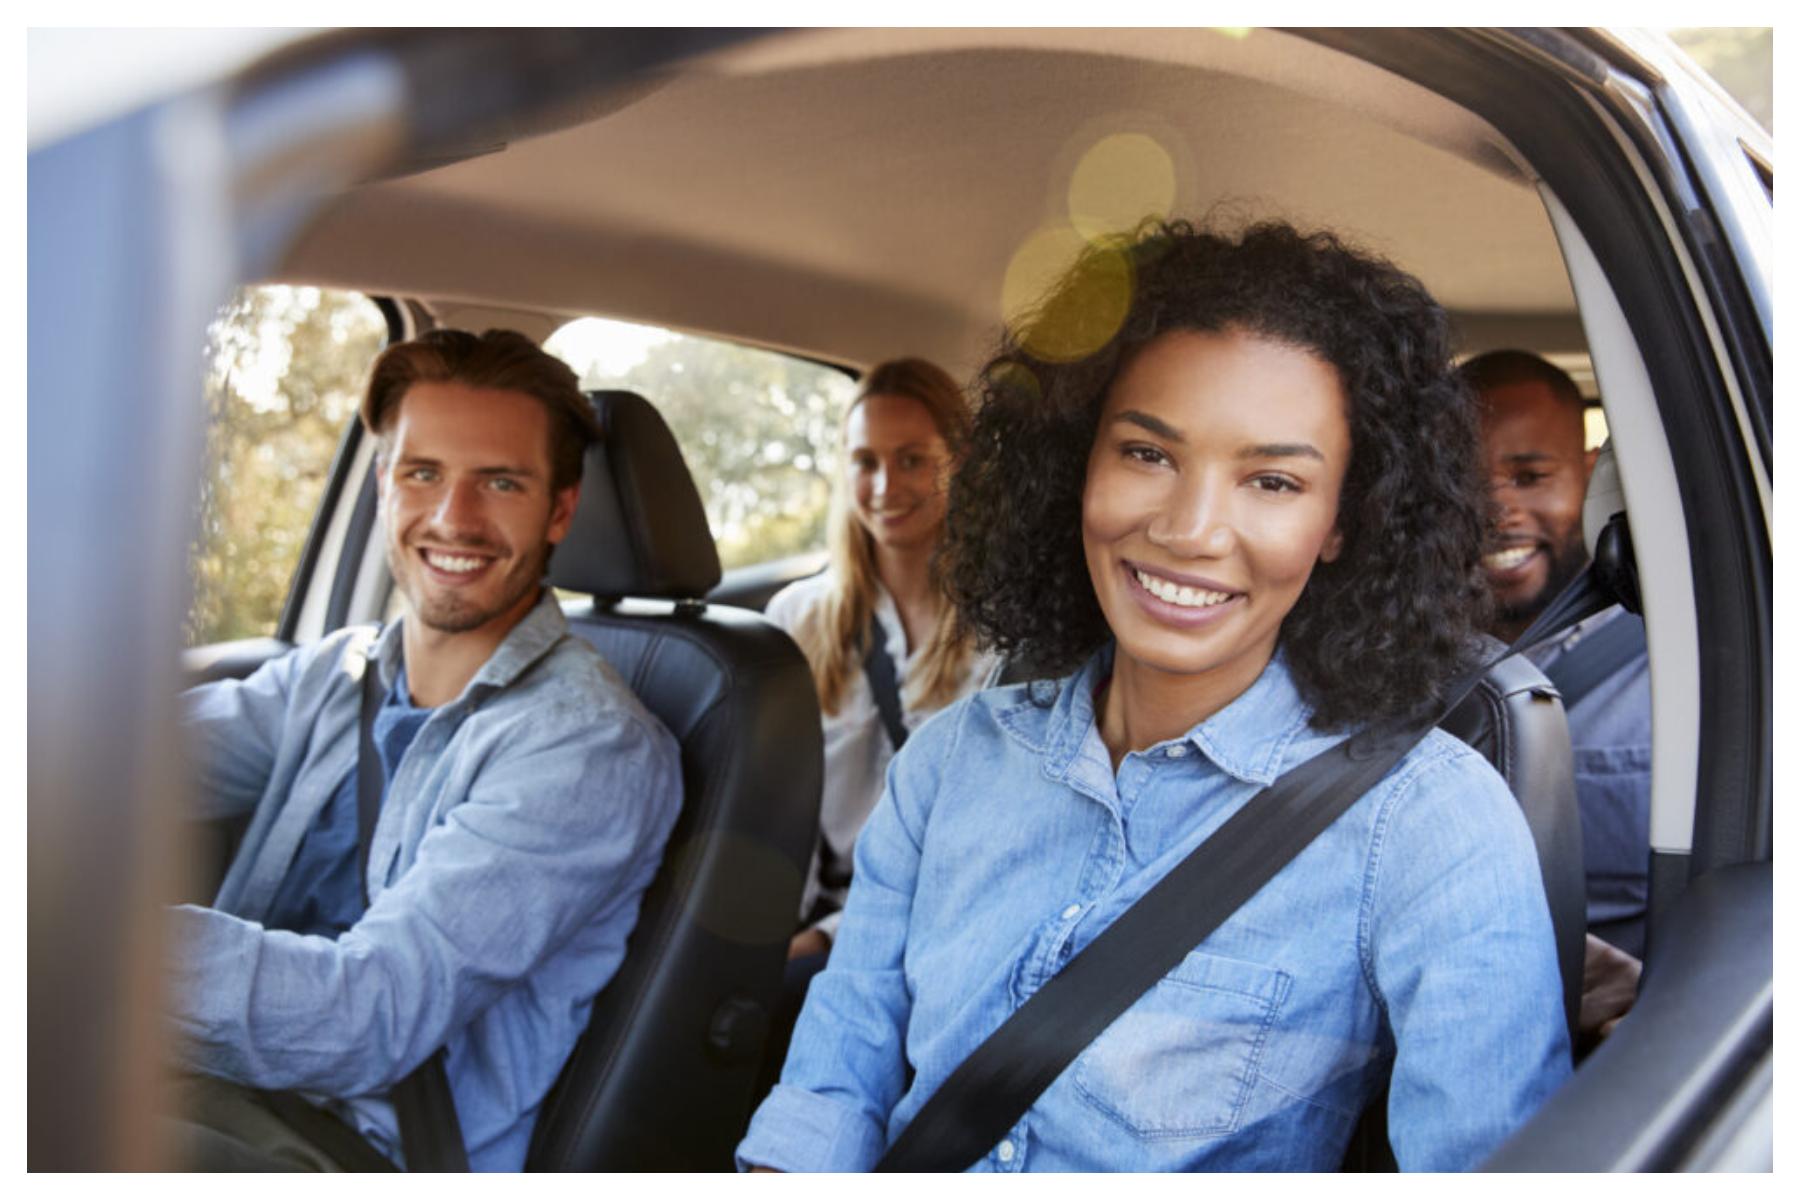 ベルト ストッパー シート 全ての座席でシートベルトを着用しましょう|警察庁Webサイト